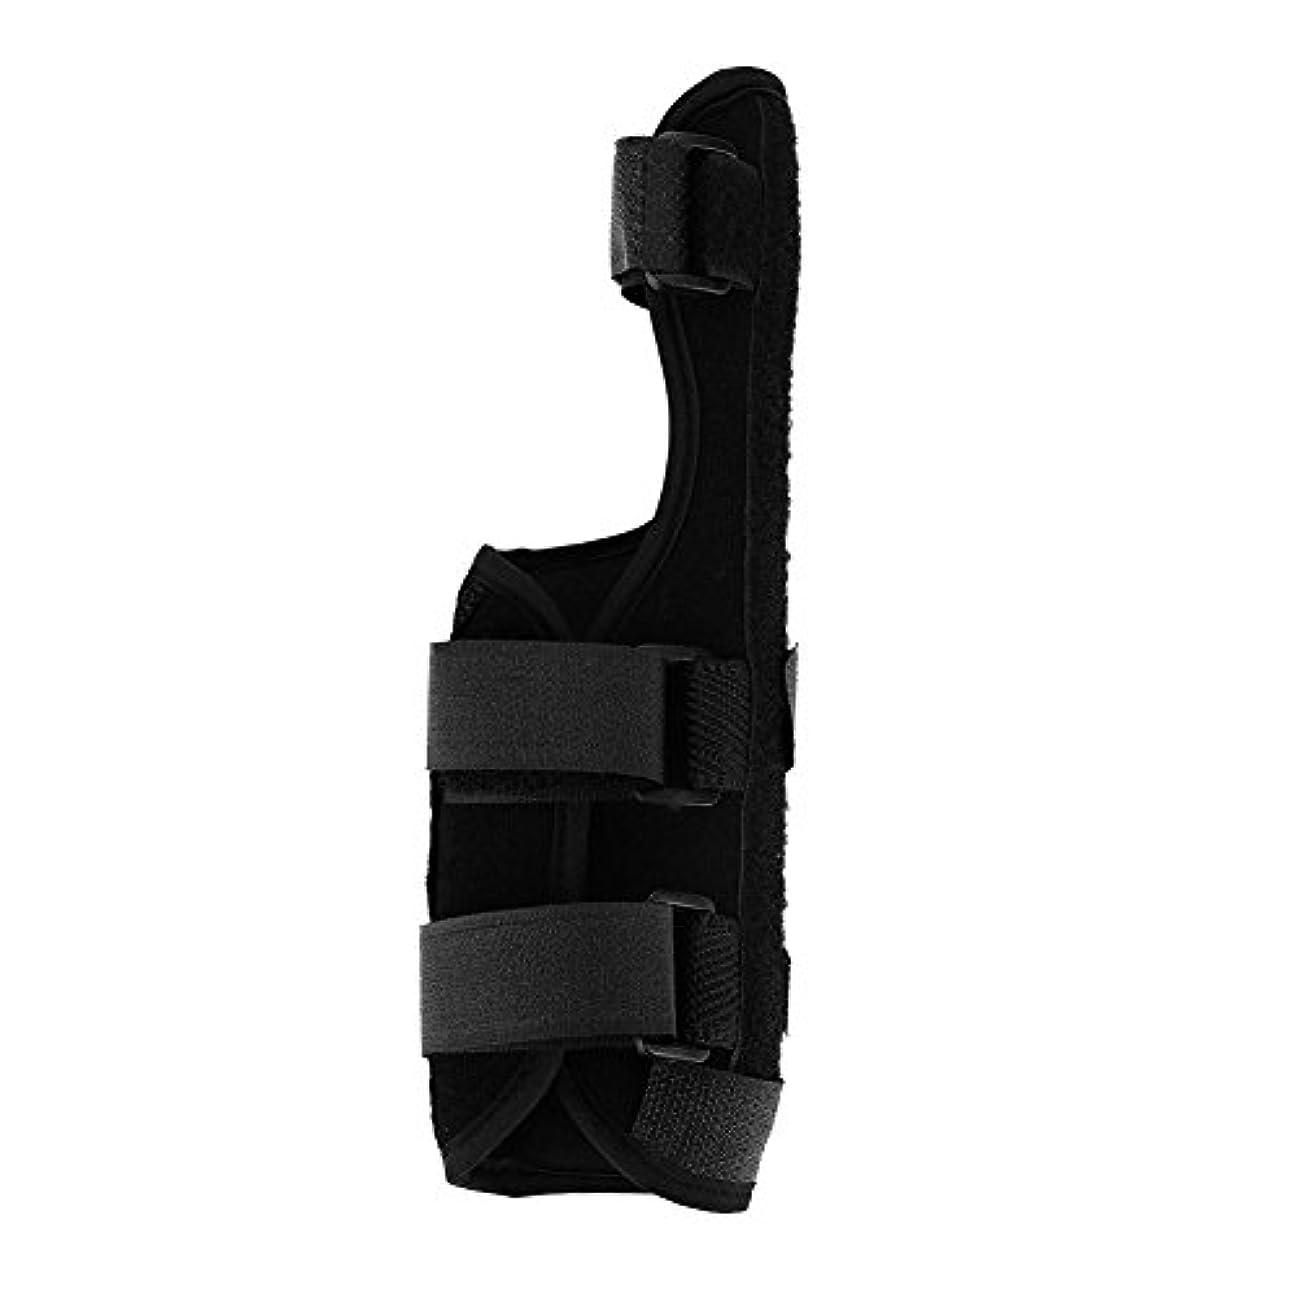 アジャ不良品船酔い高度な手首ブレース - 手根管手首副子。手根管症候群、手首の痛み、捻挫、RSI、関節炎の即時鎮痛に最適(IzquierdaL)